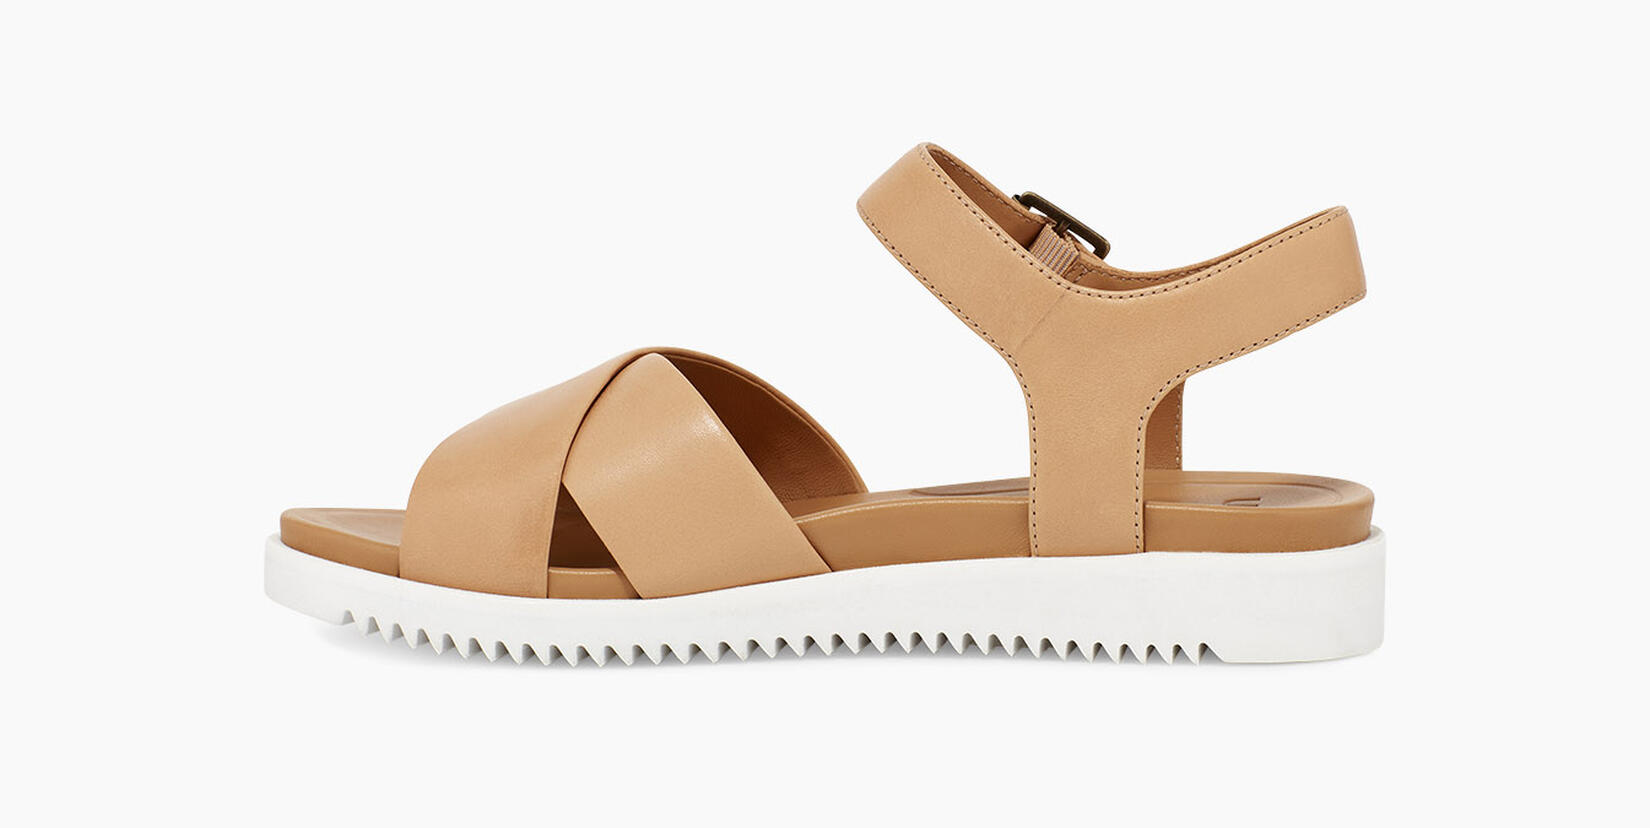 Zoie Sandal